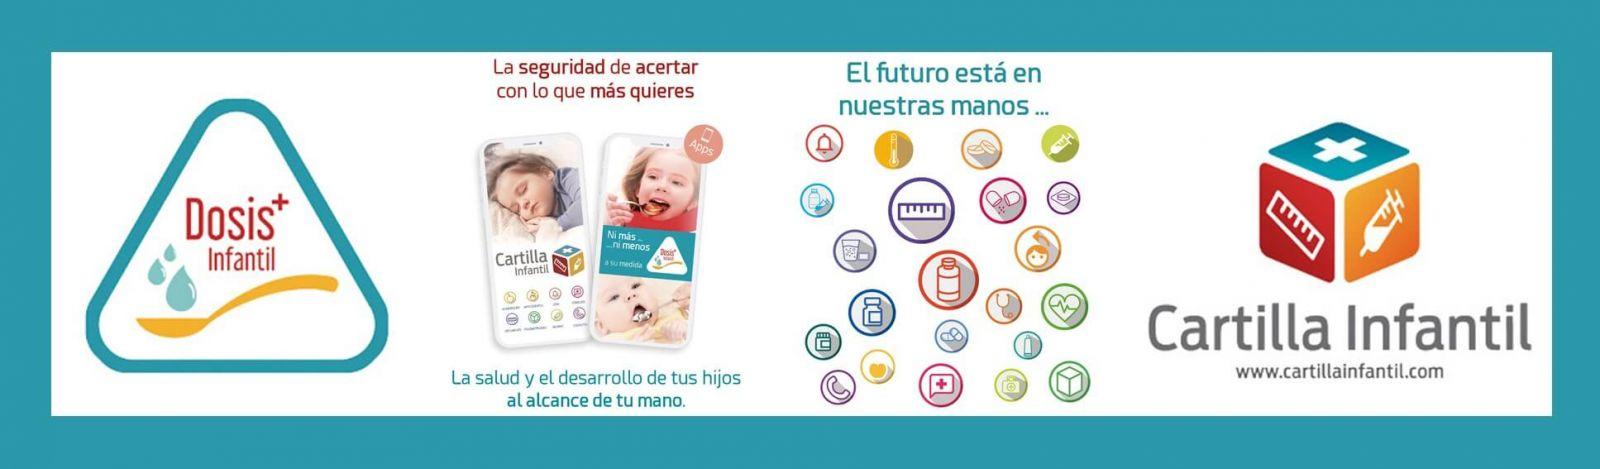 APP Dosis infantil y APP Cartilla infantil